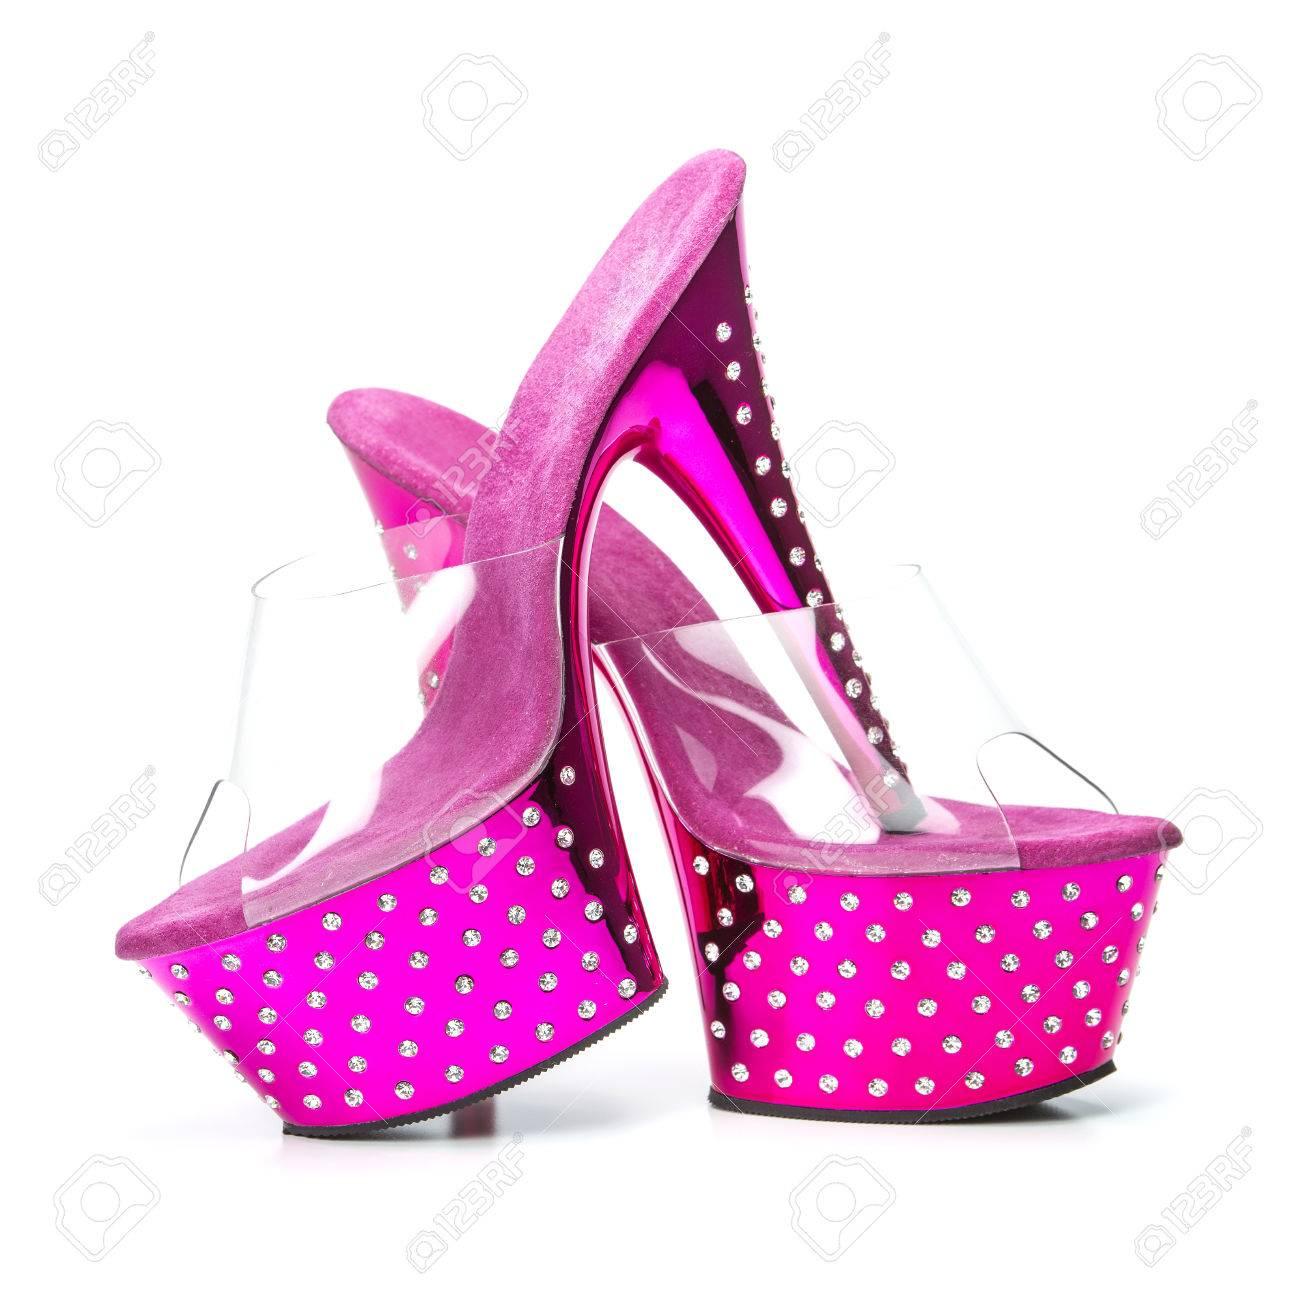 Plataforma Con Rosa Tacones De Zapatos En Suela Estilo Fetiche Aguja Altos zcq4wFUzS